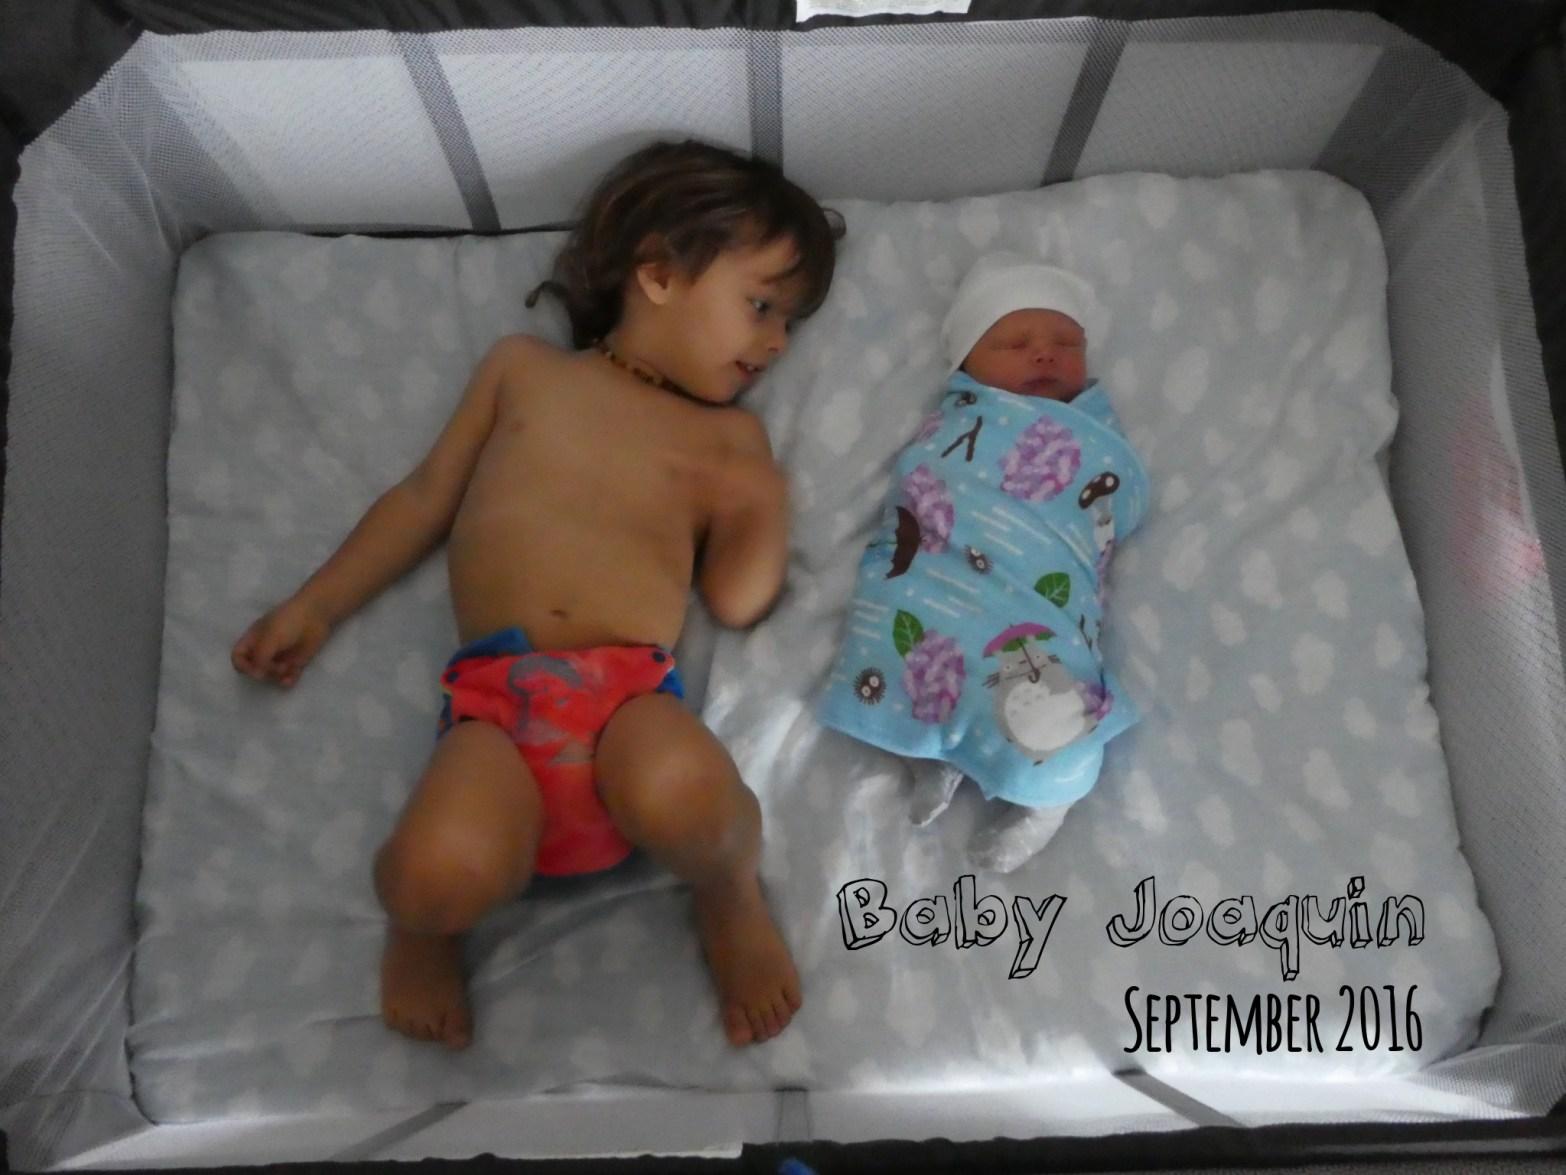 Baby Joaquin